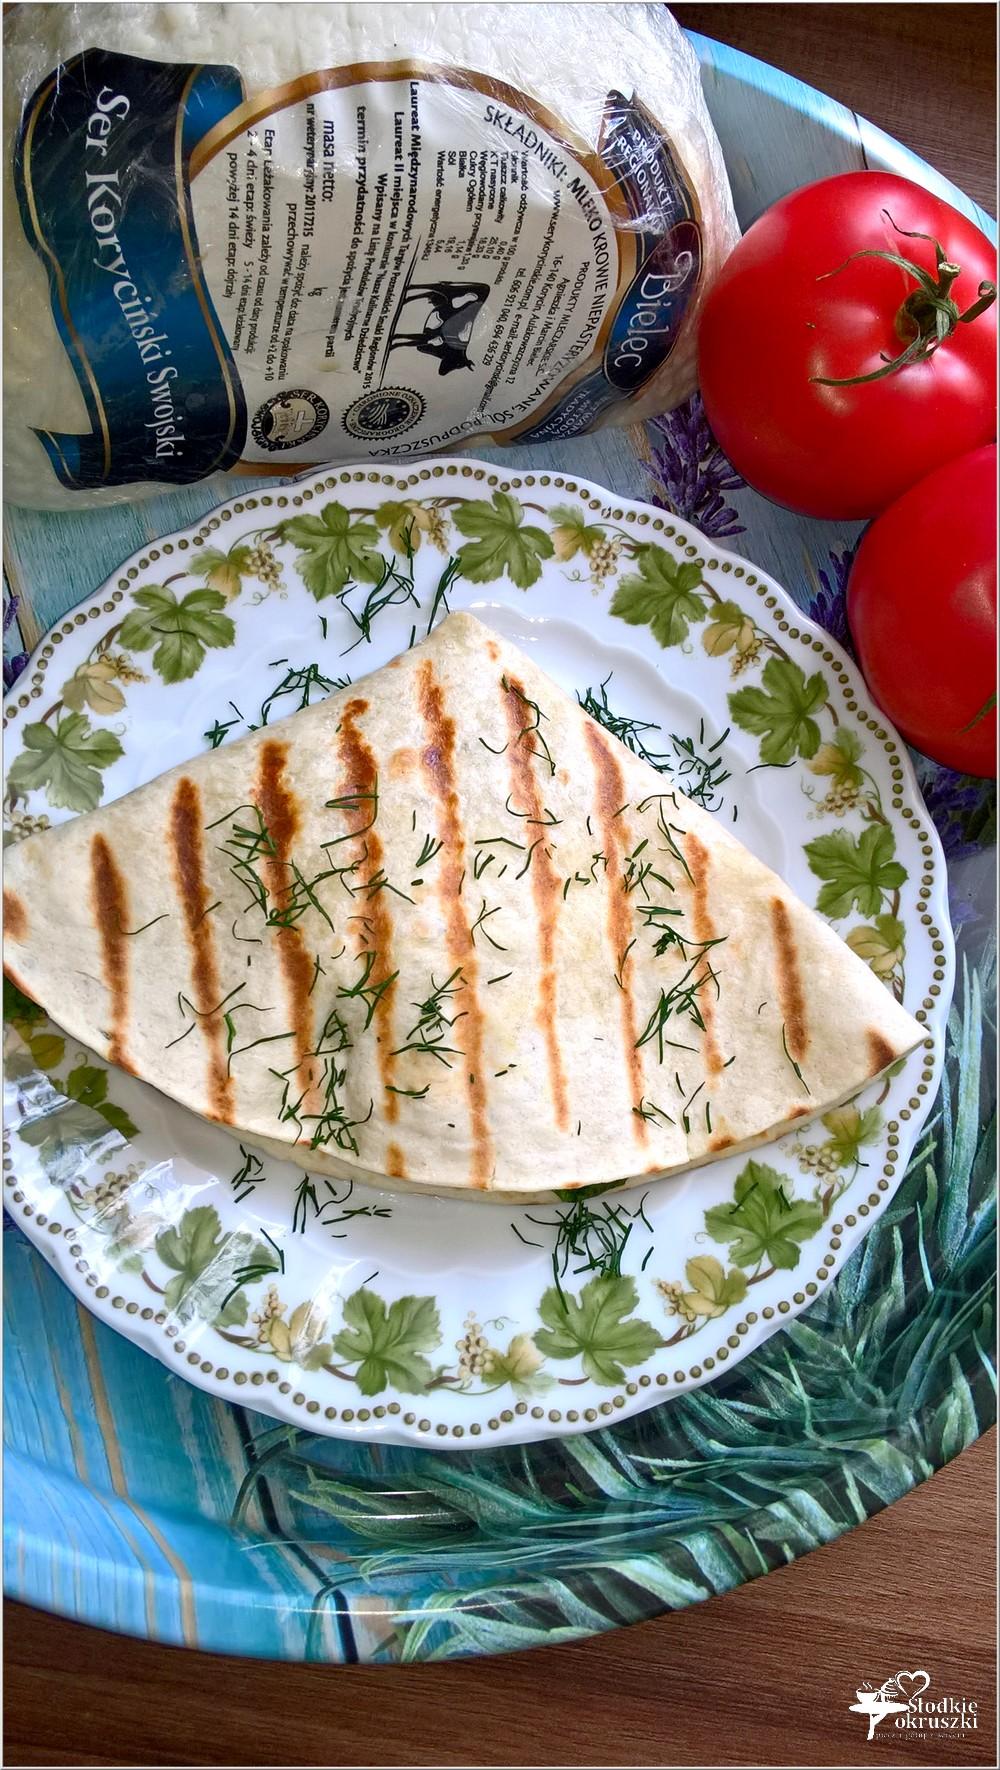 Tortilla z serem korycińskim, kukurydzą, schabem i ziołami (2)